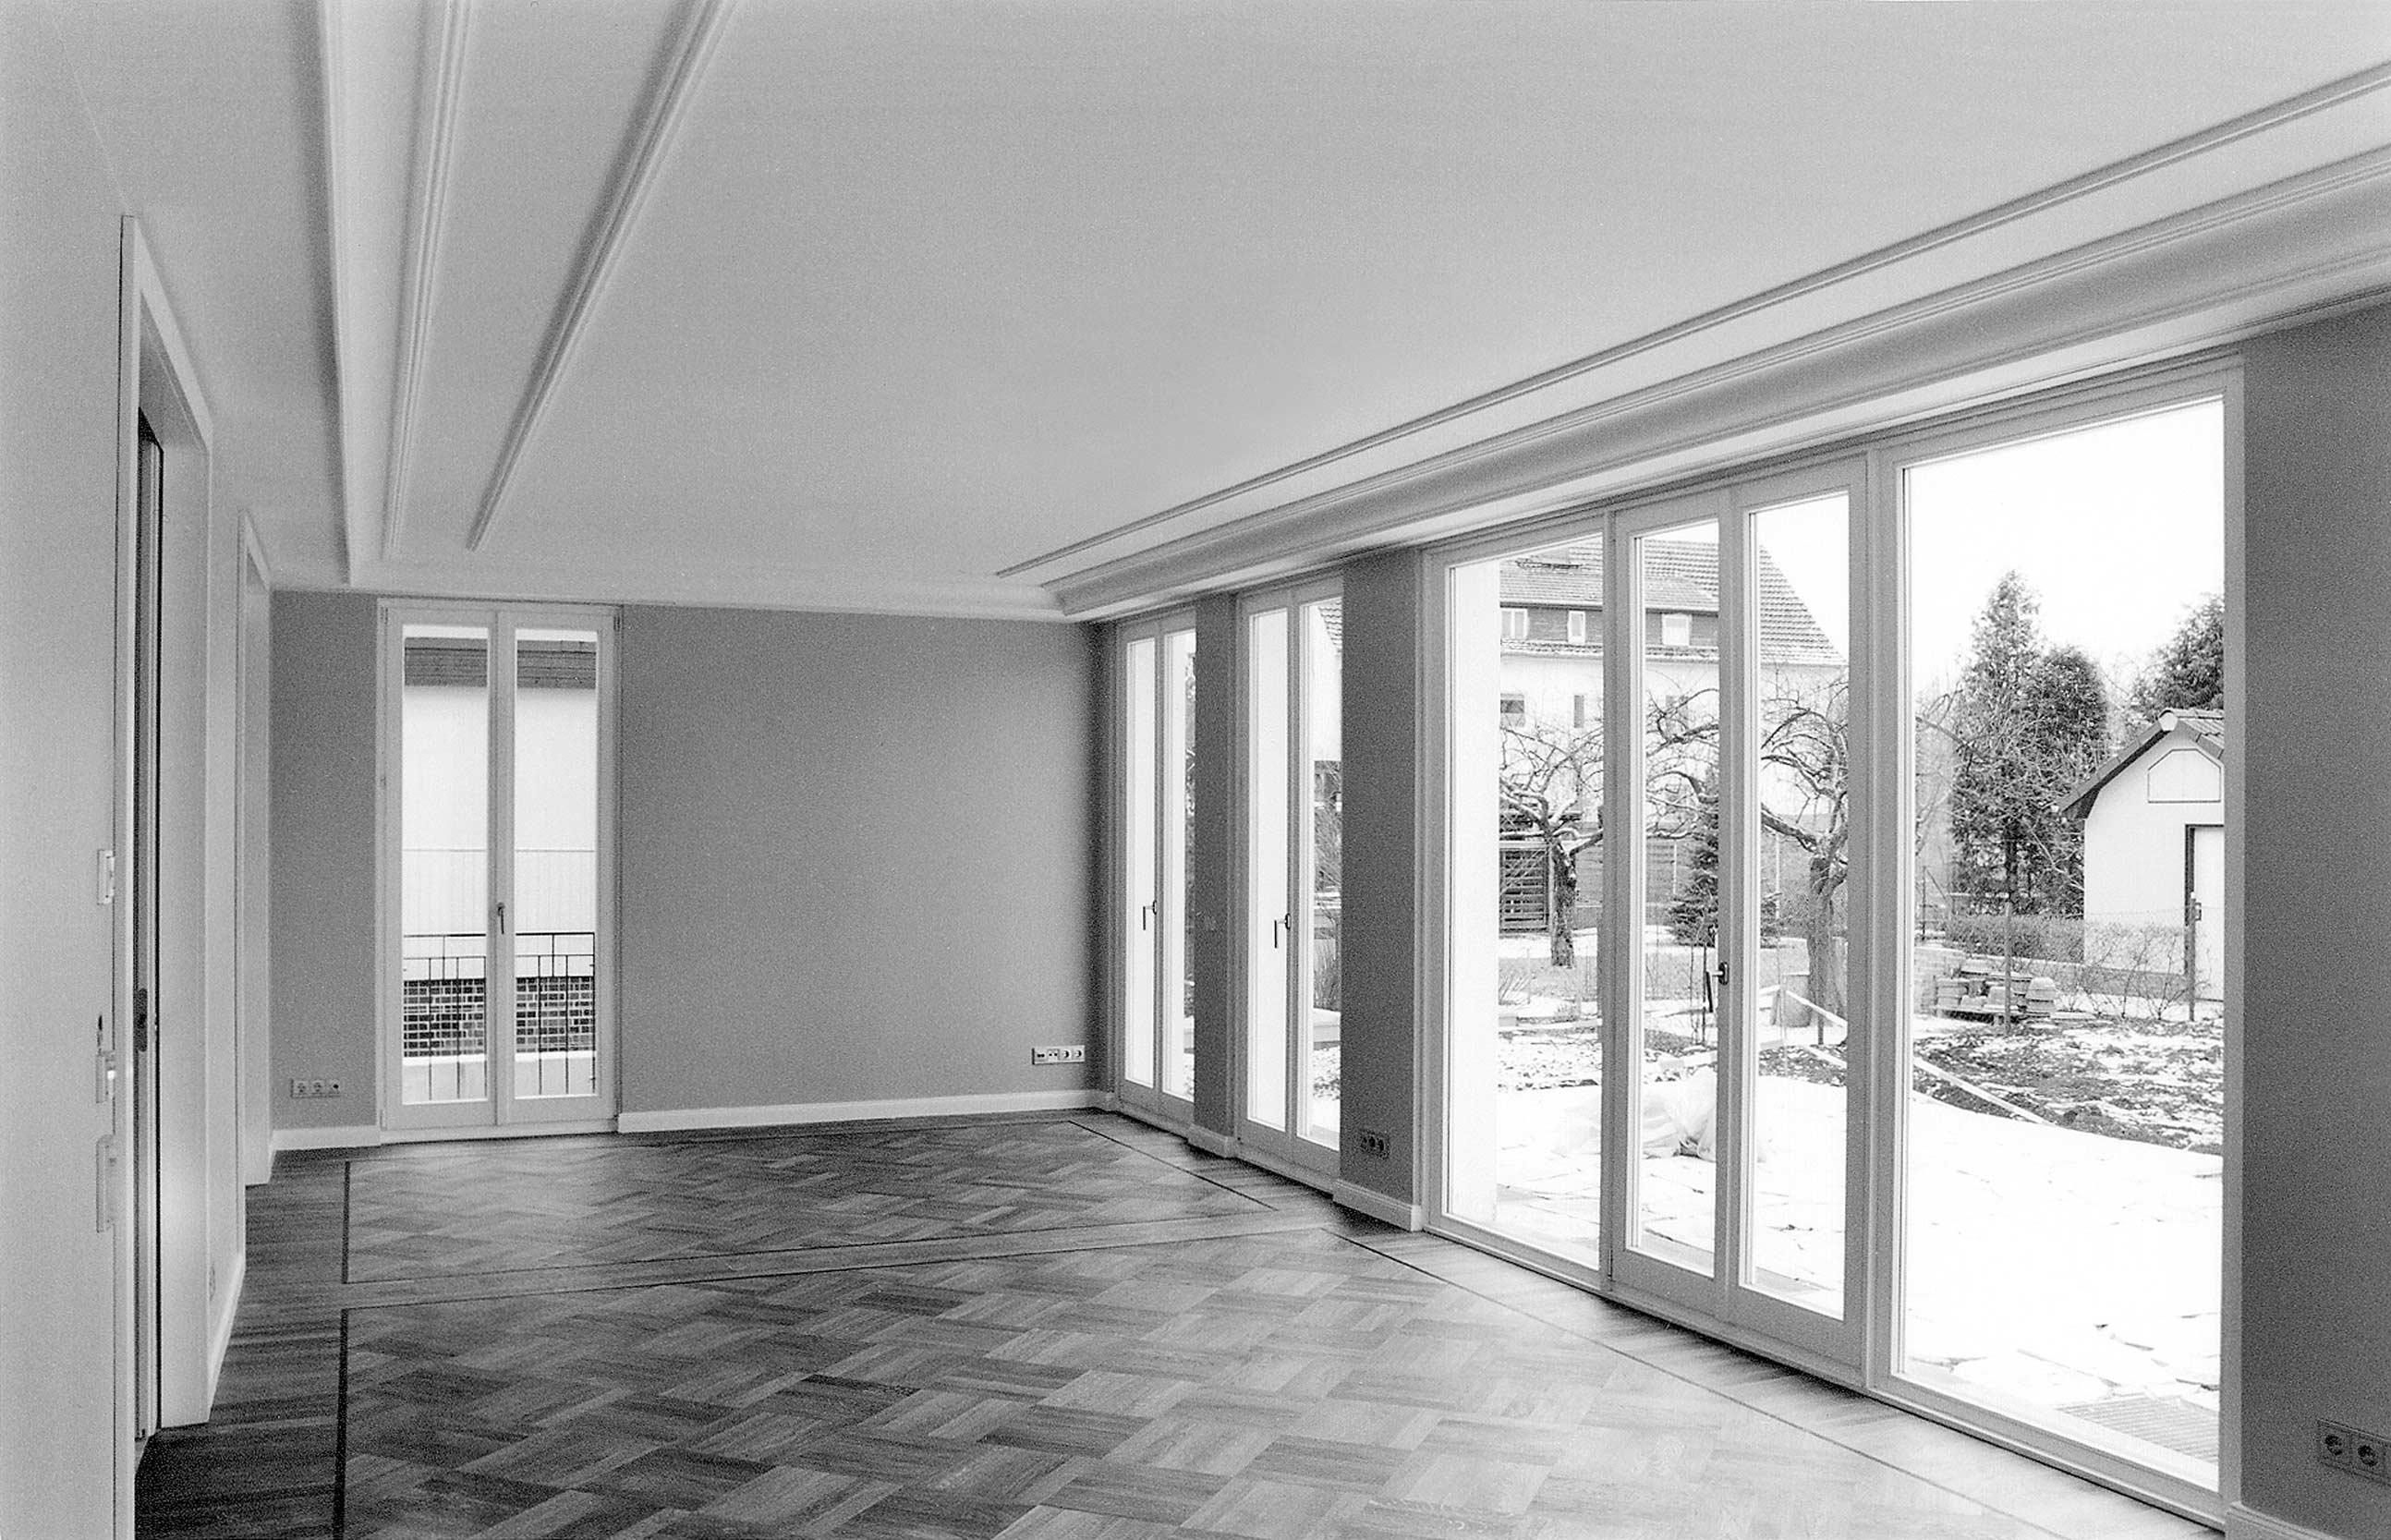 Großzügige Fensterfronten eröffnen vom Wohnzimmer aus einen schönen Blick in den Garten.